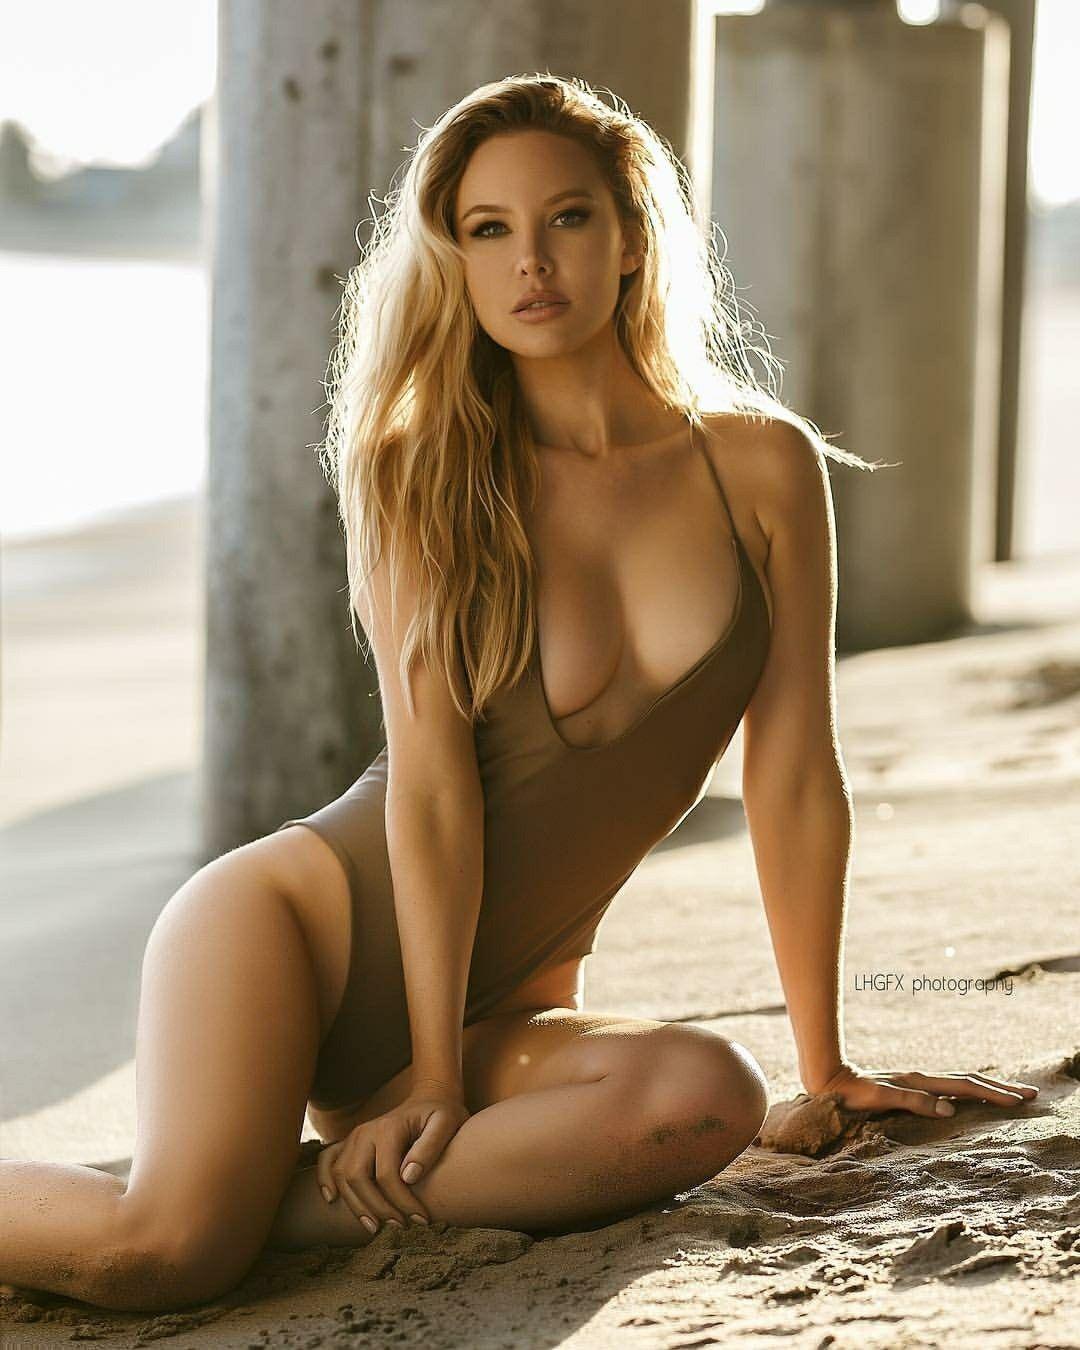 a4ed299233ef4 Tiffany Toth Dream Body Motivation, Exercise Motivation, Diet Motivation,  Hot Bikini, Bikini